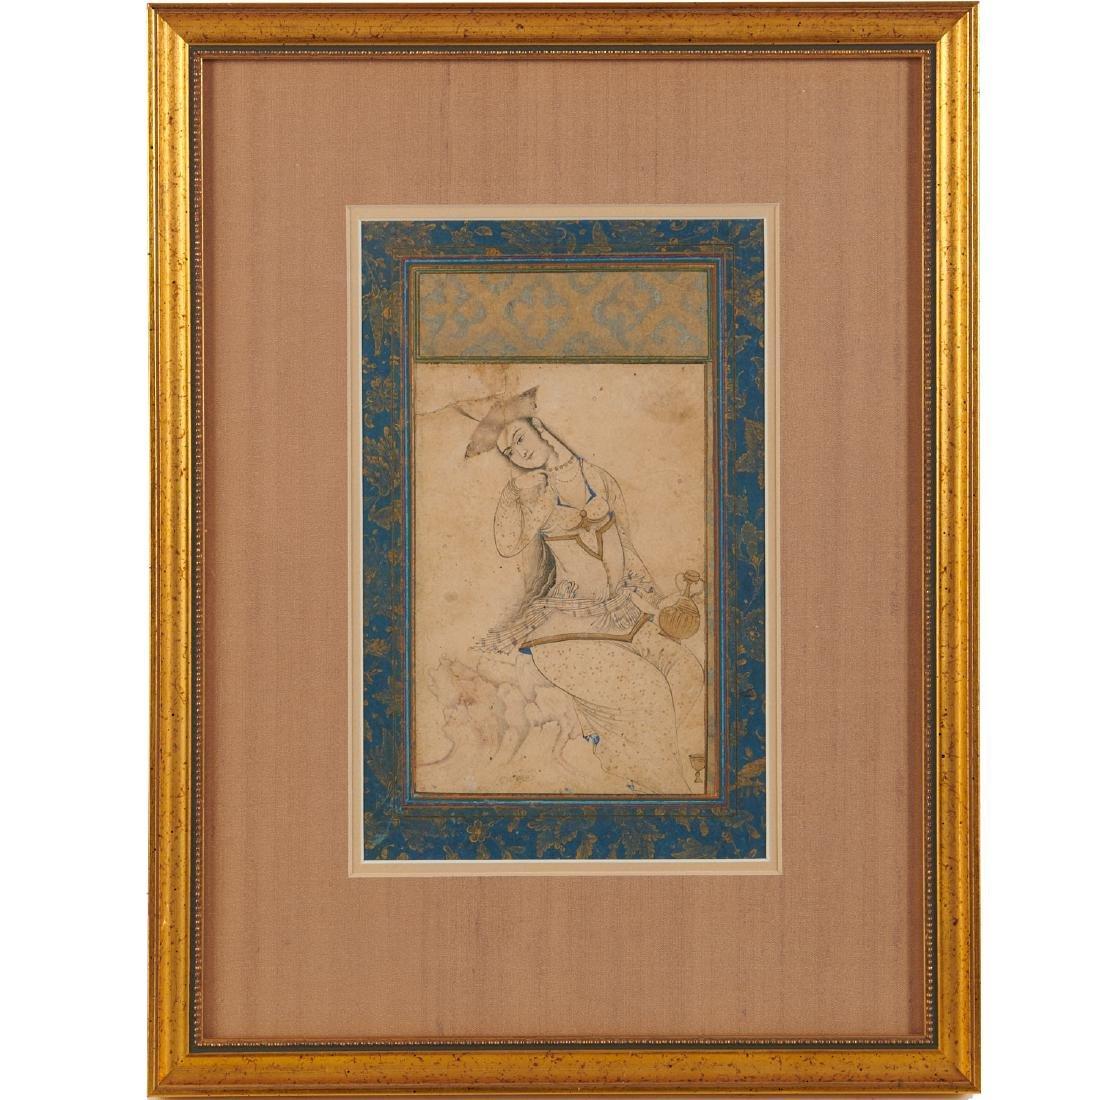 Mughal School, fine drawing